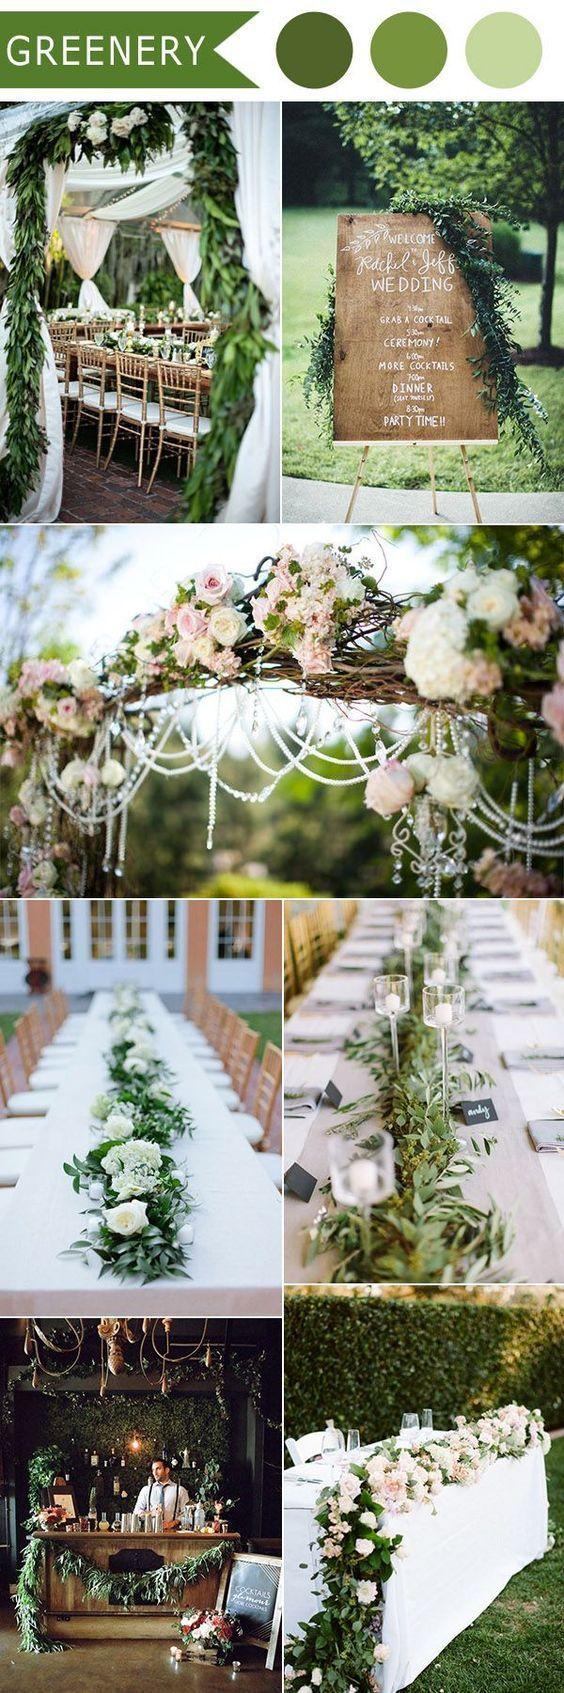 Wedding ideas for summer  kenzielowery WeddingIdeasGreen  Wedding Festivitiesu Such